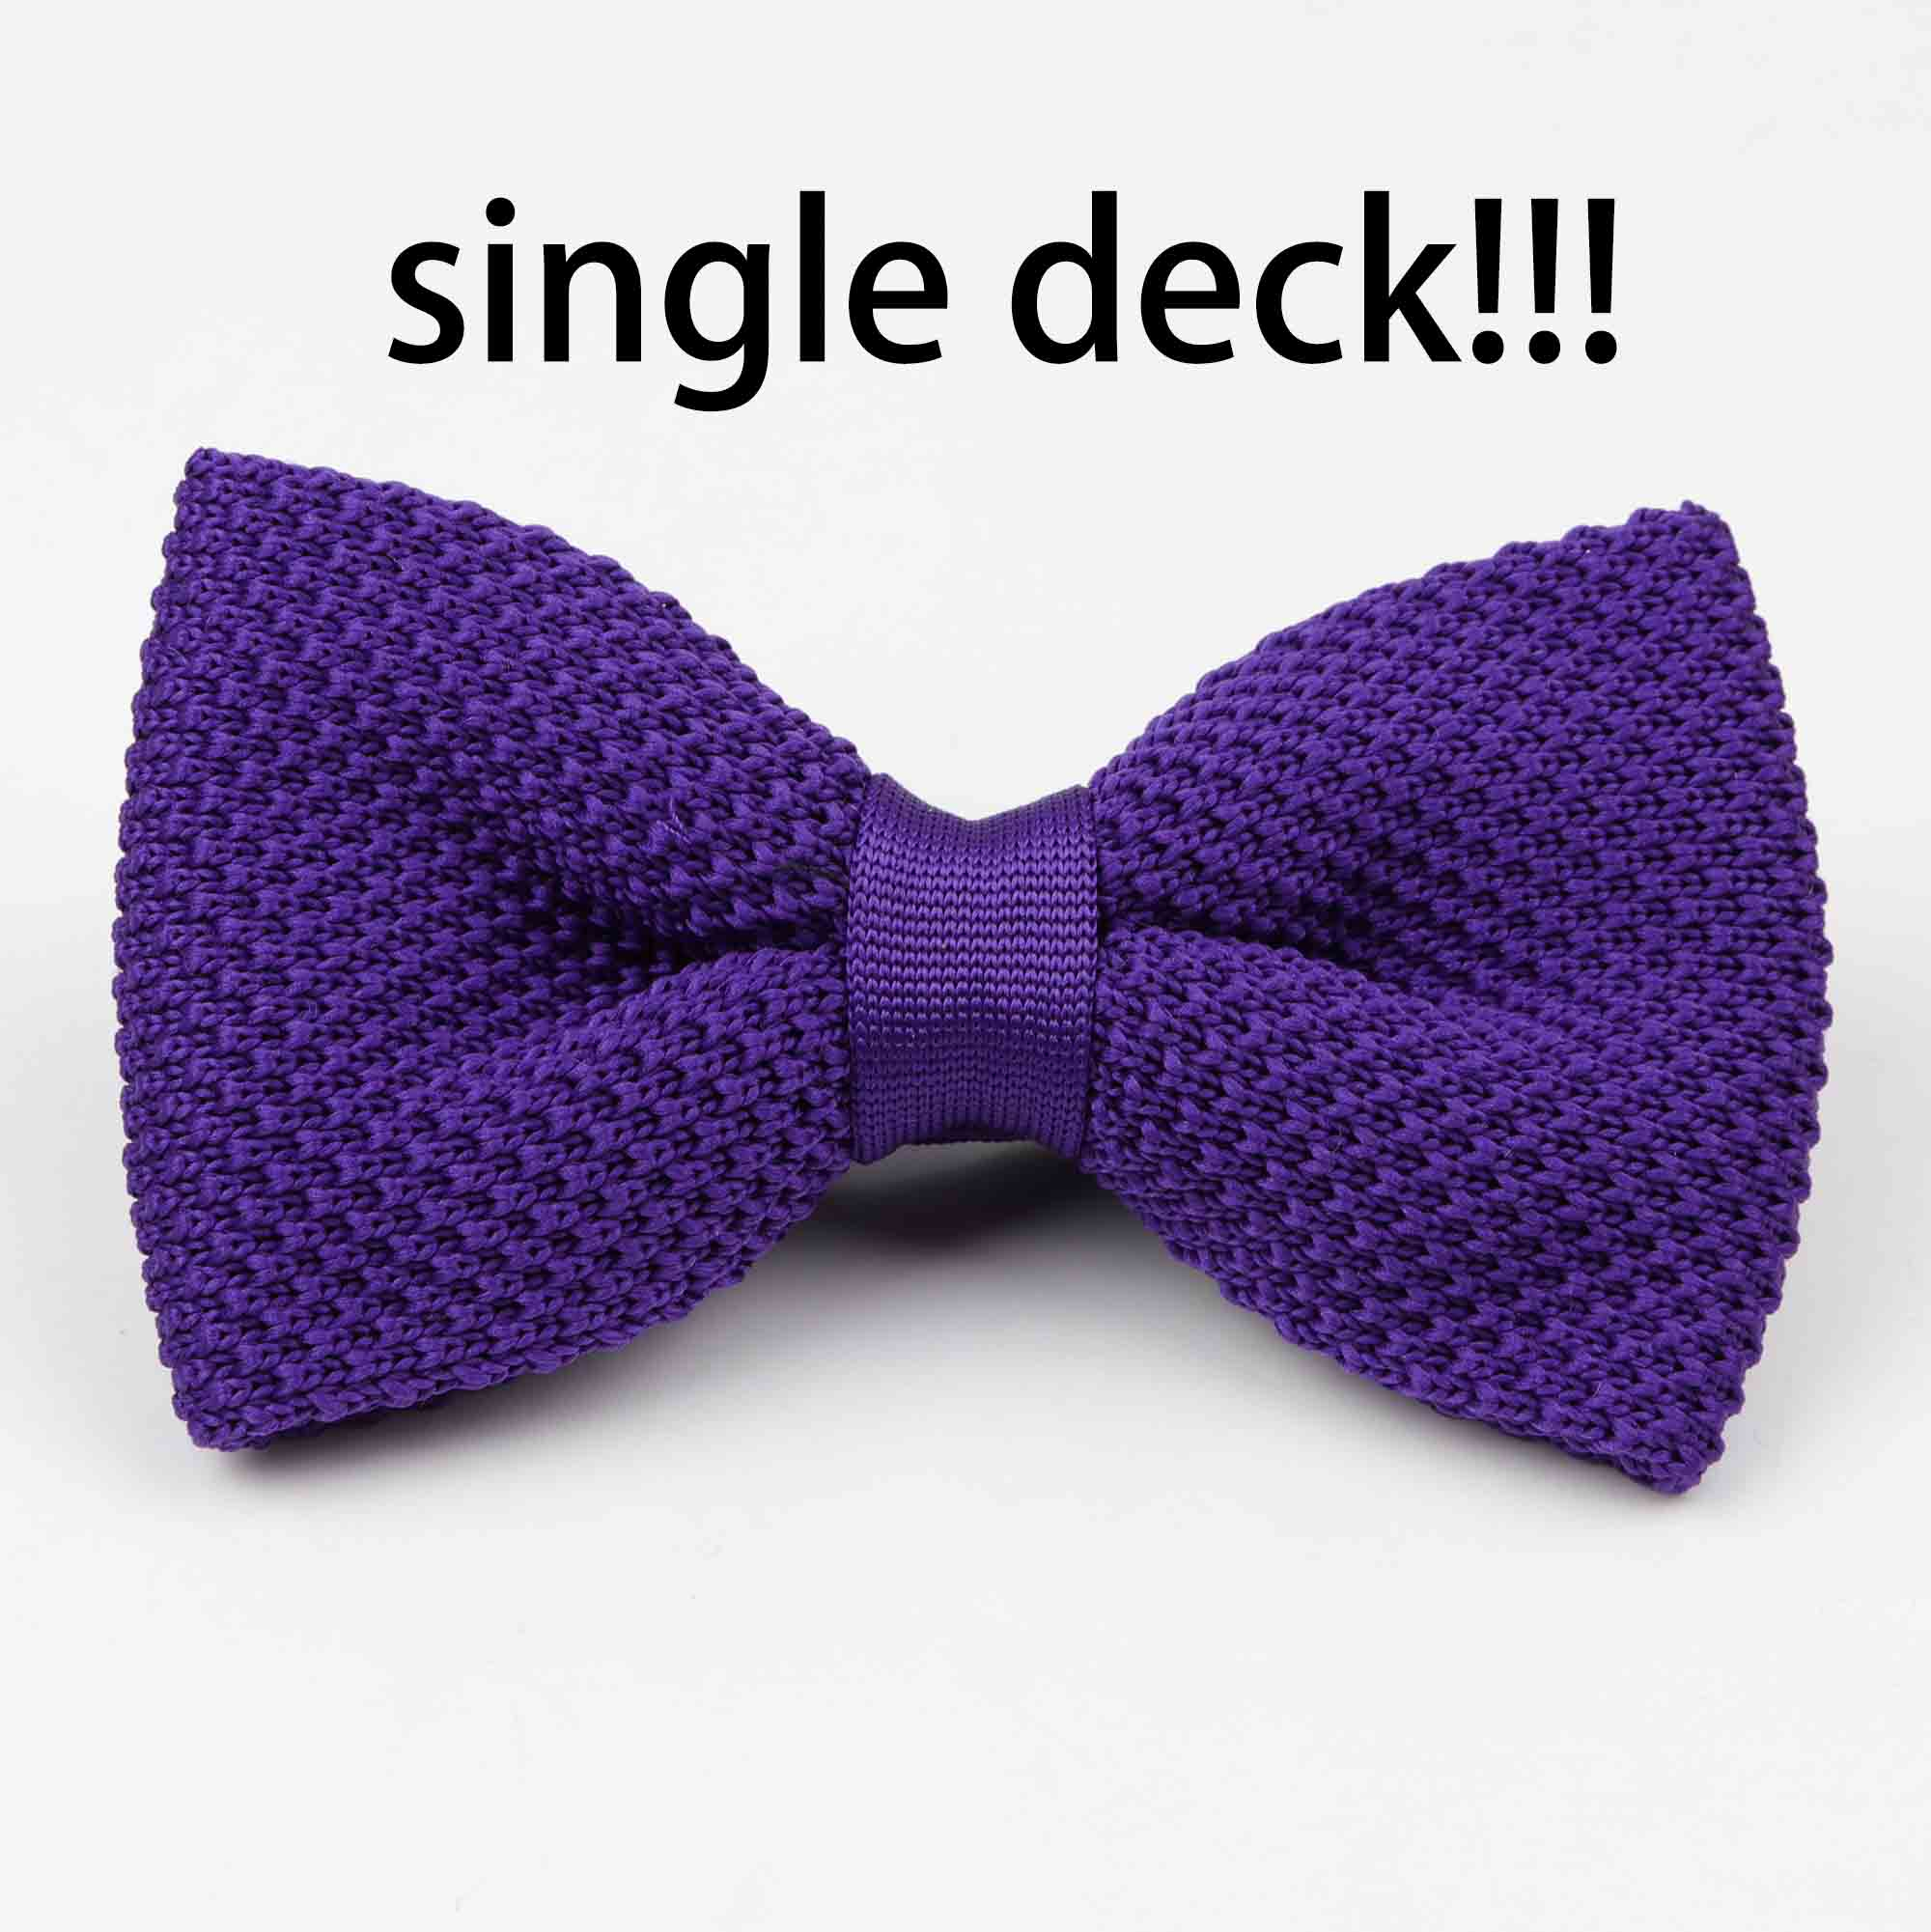 Мужские галстуки для шеи, смокинг, вязаная бабочка, Одноцветный галстук-бабочка, толстый двухслойный предварительно завязанный Регулируемый вязаный Повседневный галстук - Цвет: HA28